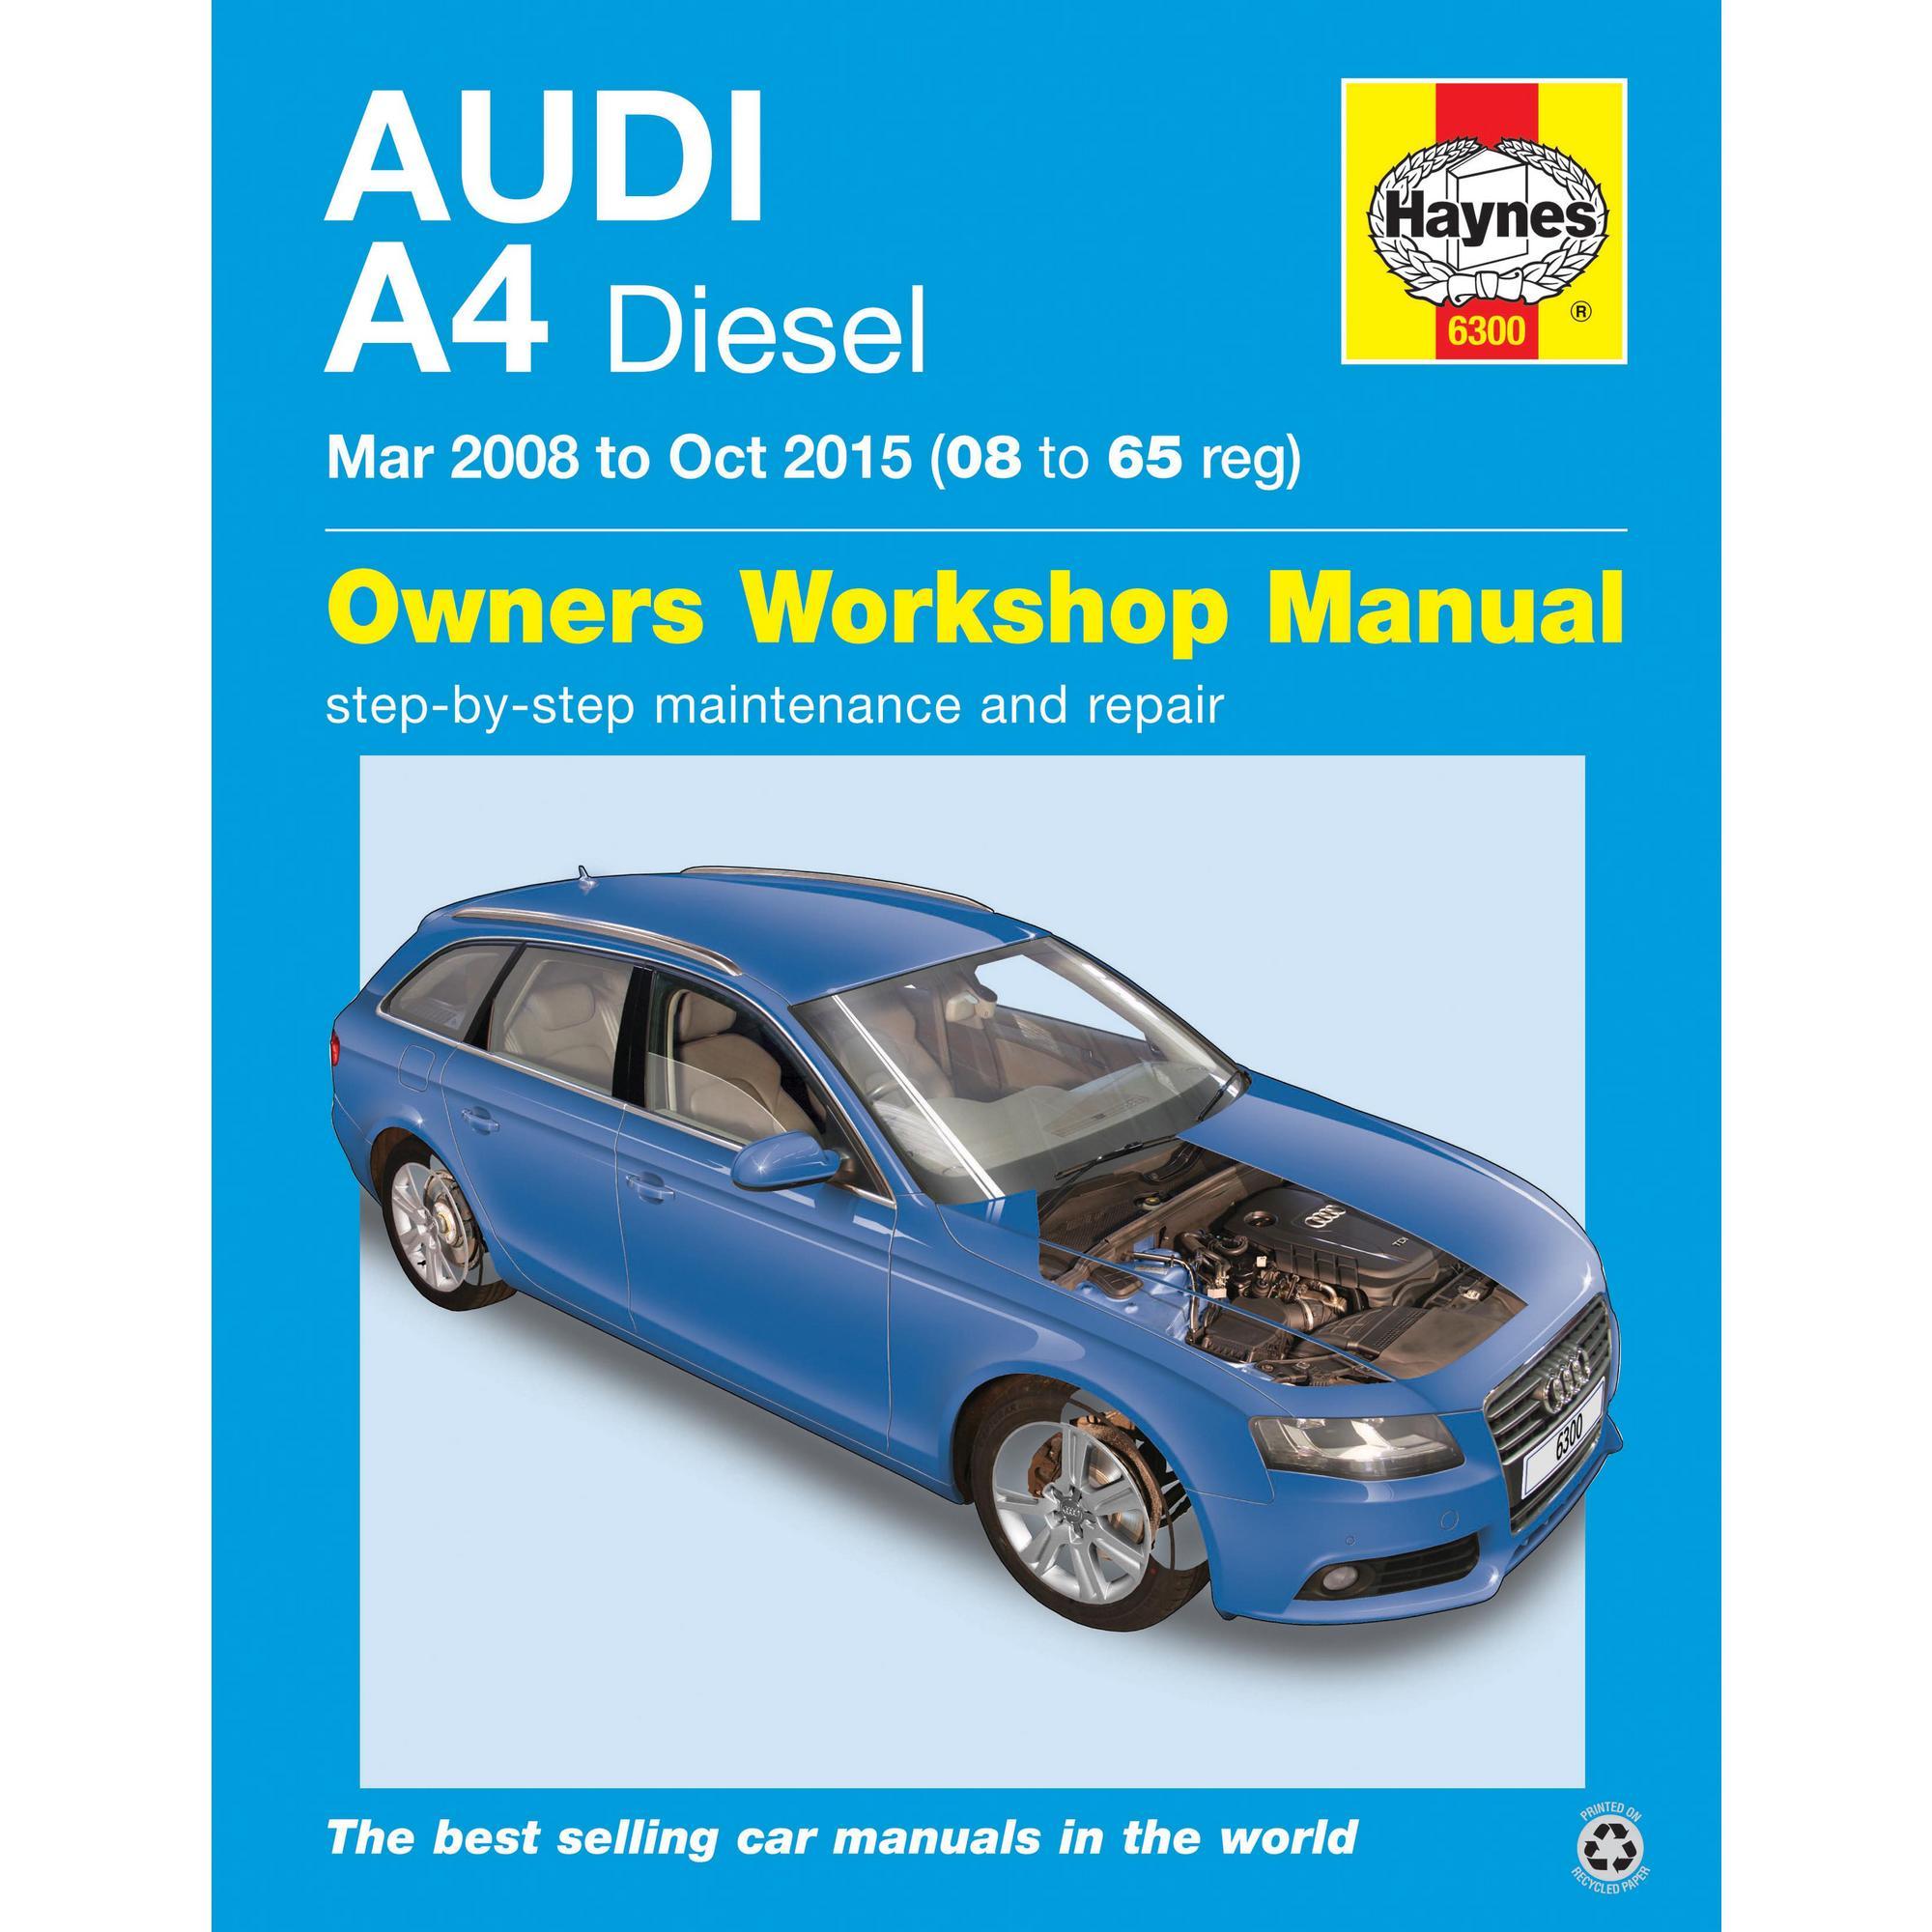 haynes owners workshop repair manual audi a4 2008 2015 turbo rh ebay co uk owners manual for audi a4 2004 owners manual for audi a4 2004